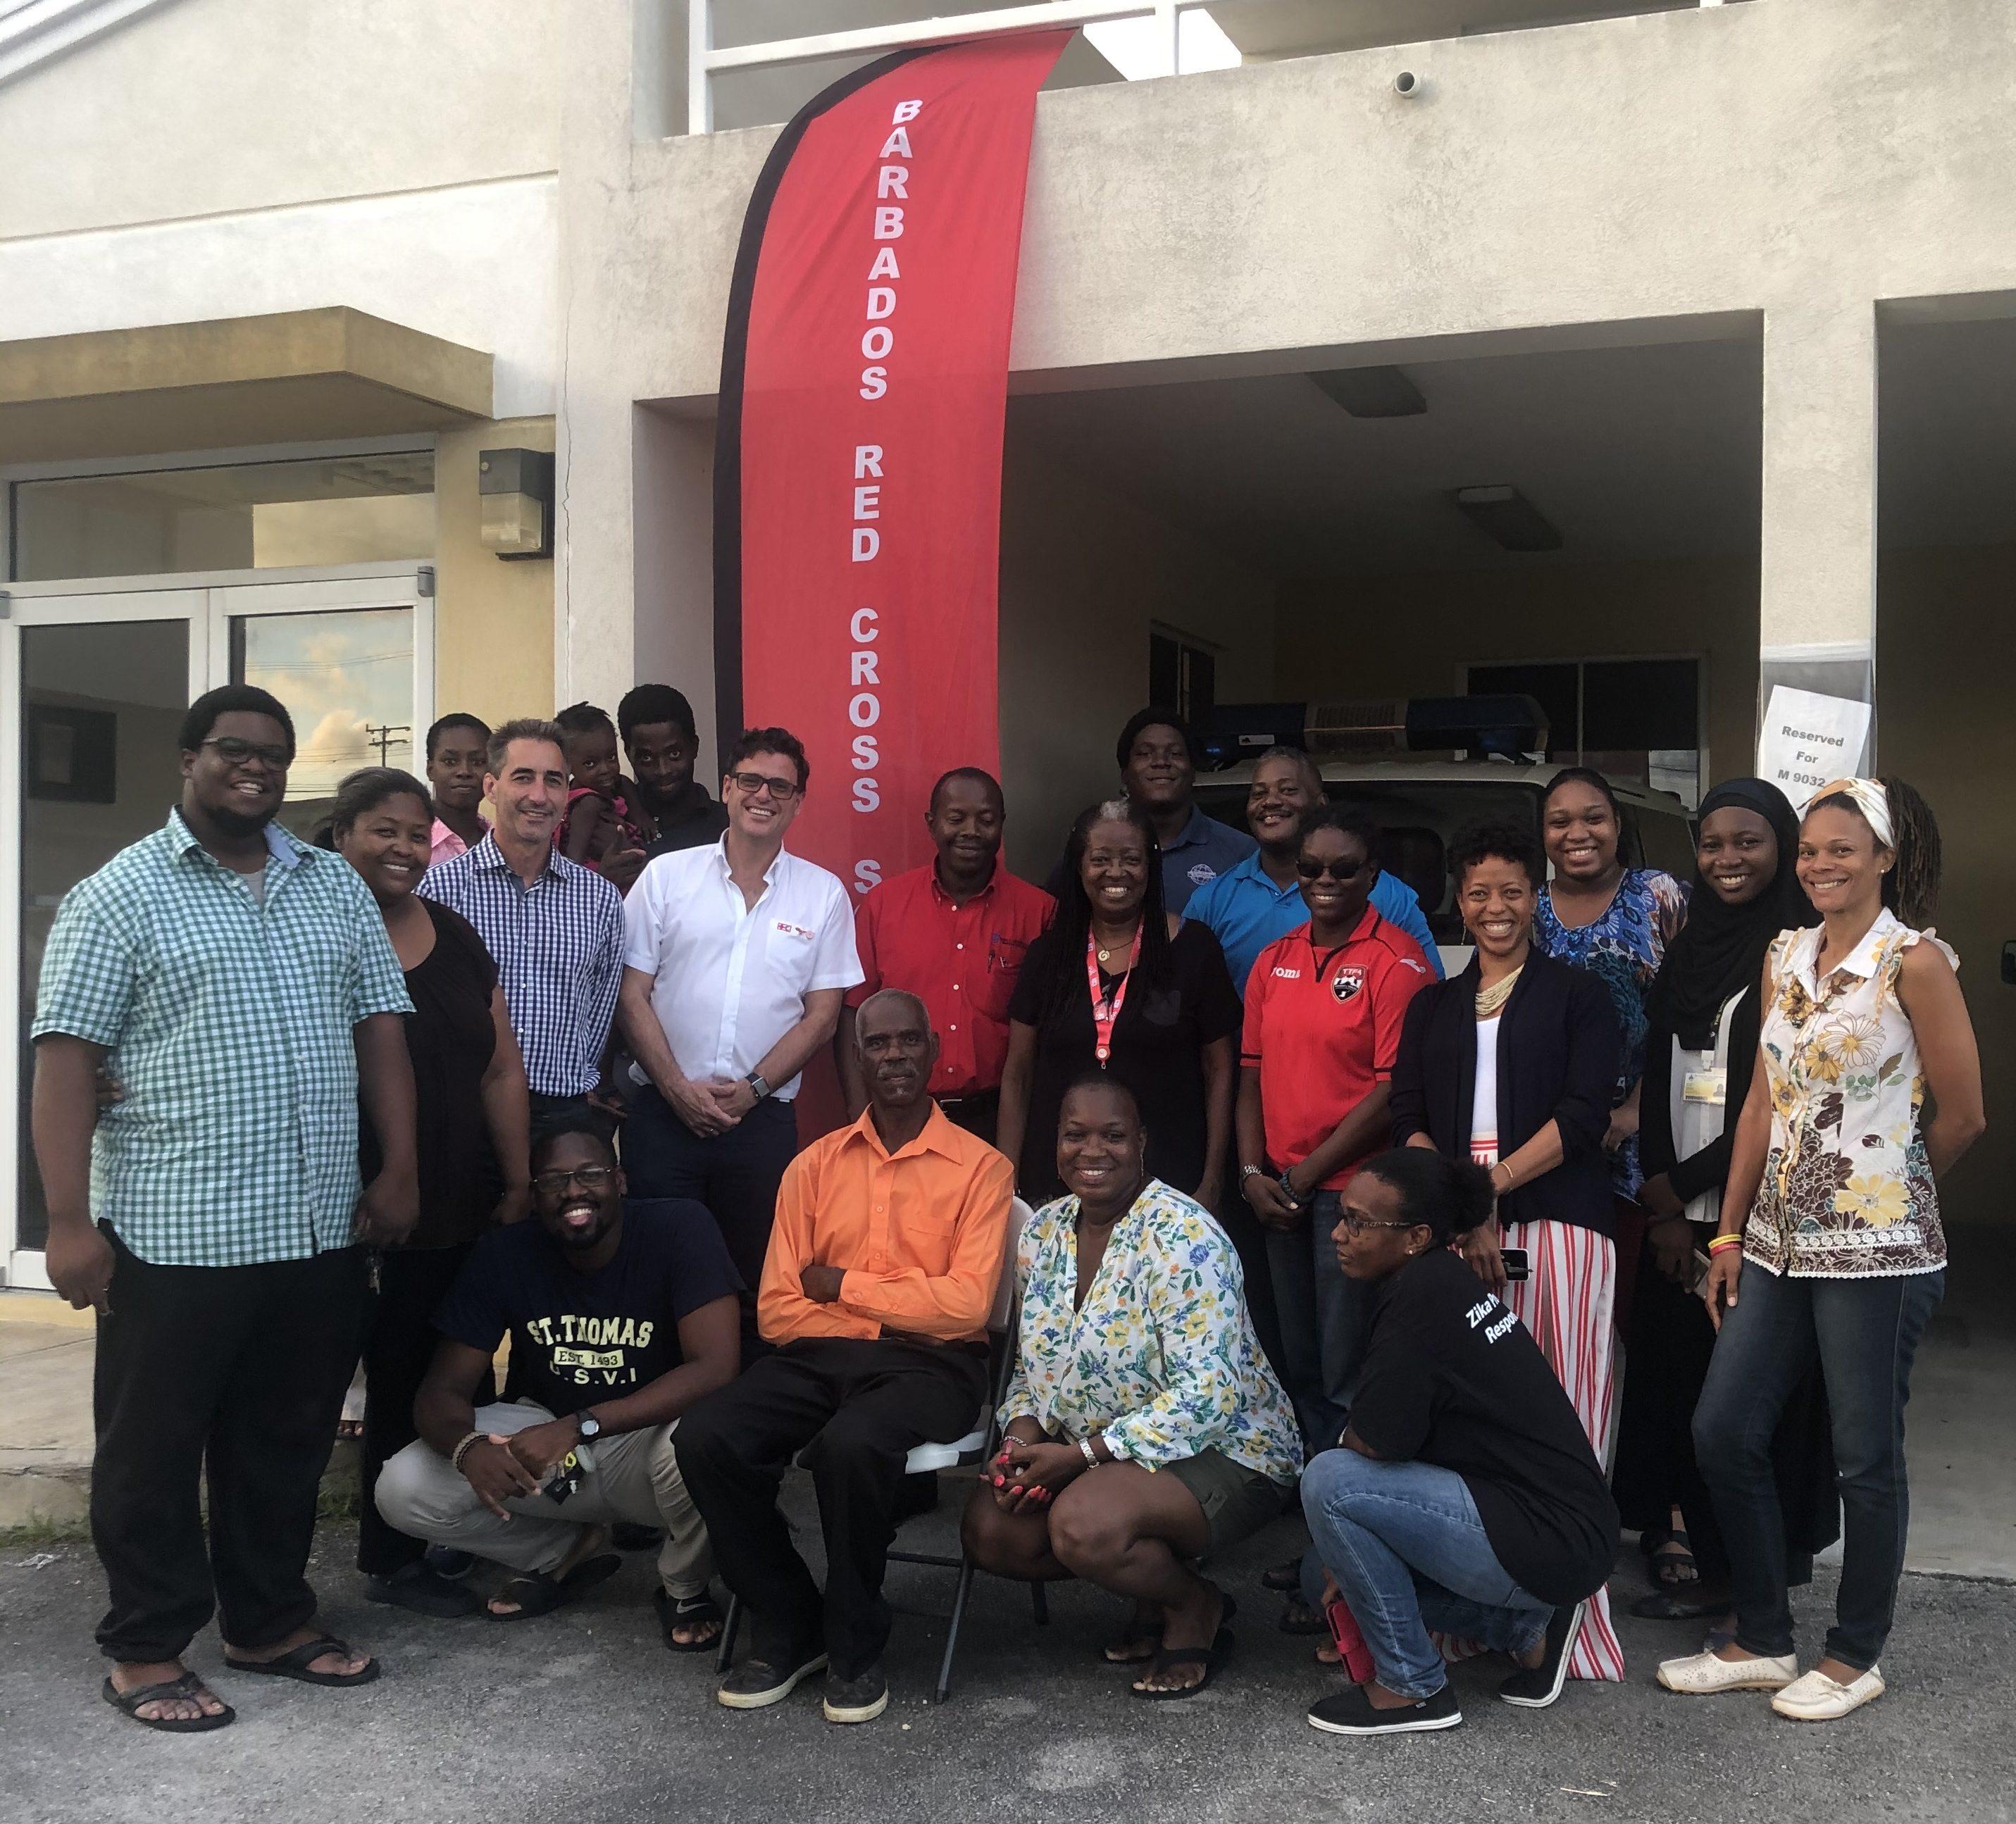 Reunion-con-Voluntarios-de-la-Cruz-Roja-de-Barbados-e1573651101998.jpg